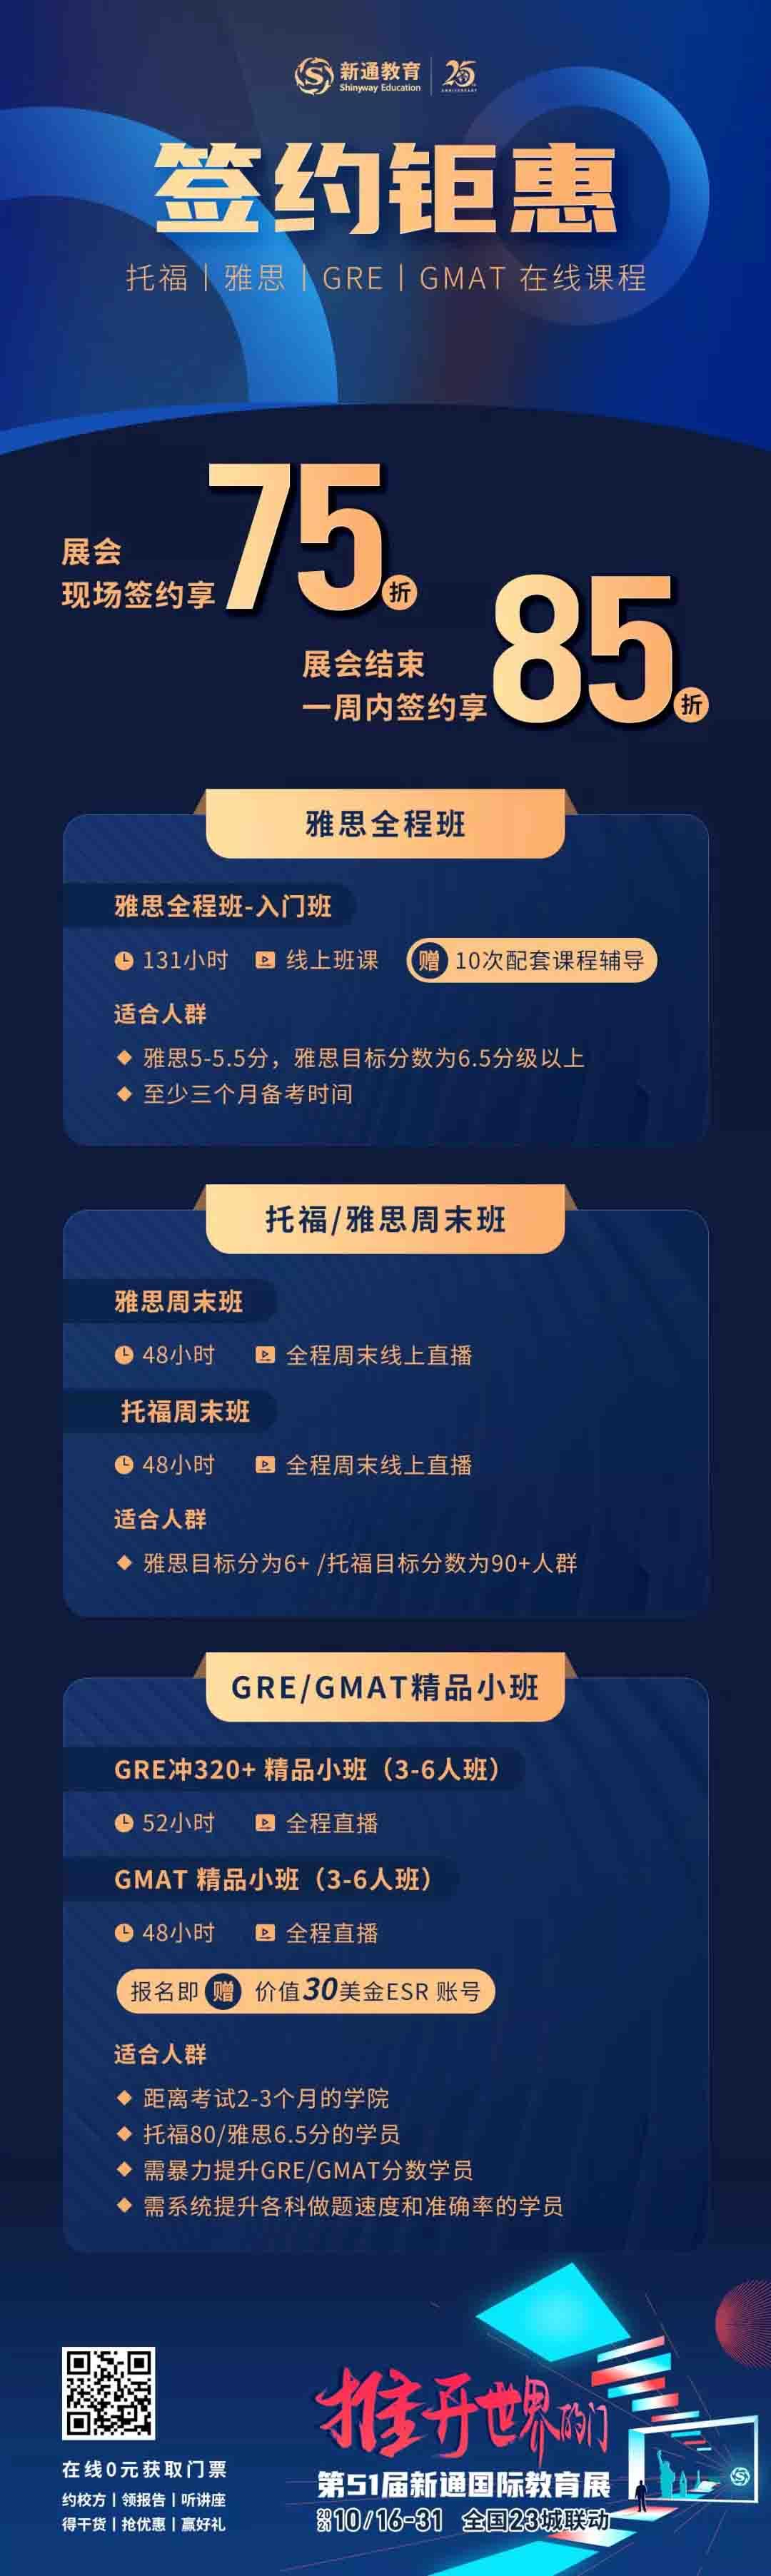 ETS重磅官宣,中国大陆考生可以考家庭版托福了!4